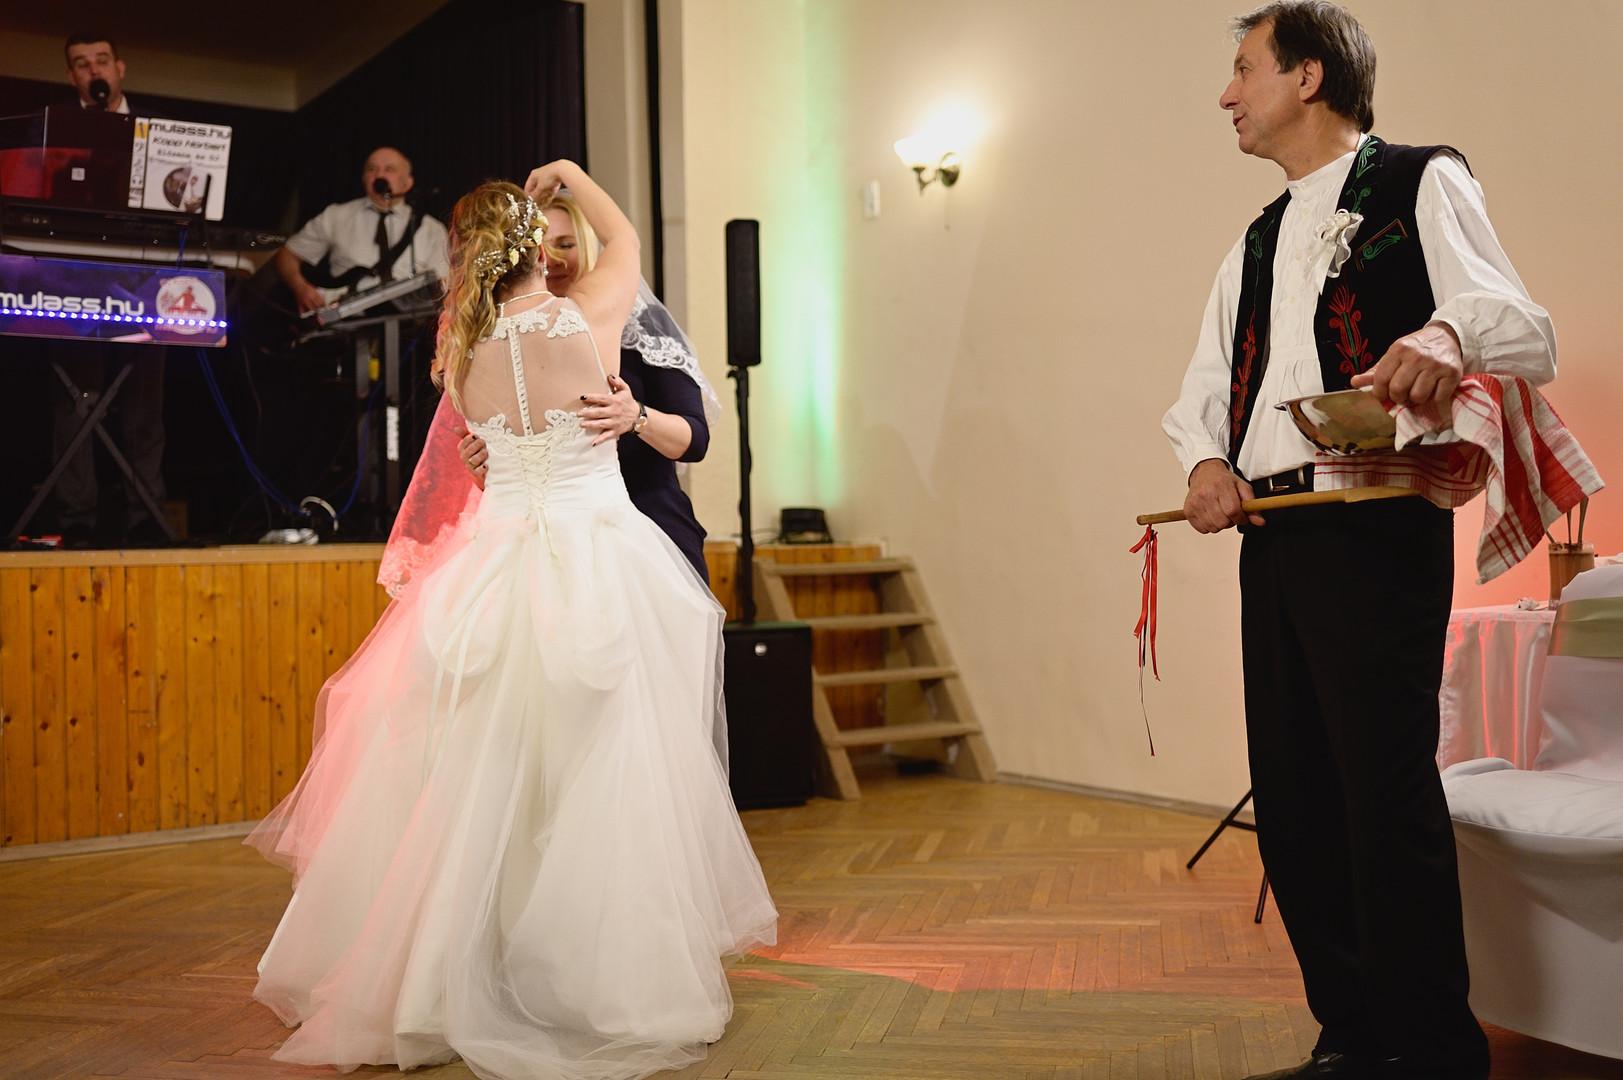 689  Esküvői fotózás - Enikő és Peti Bul